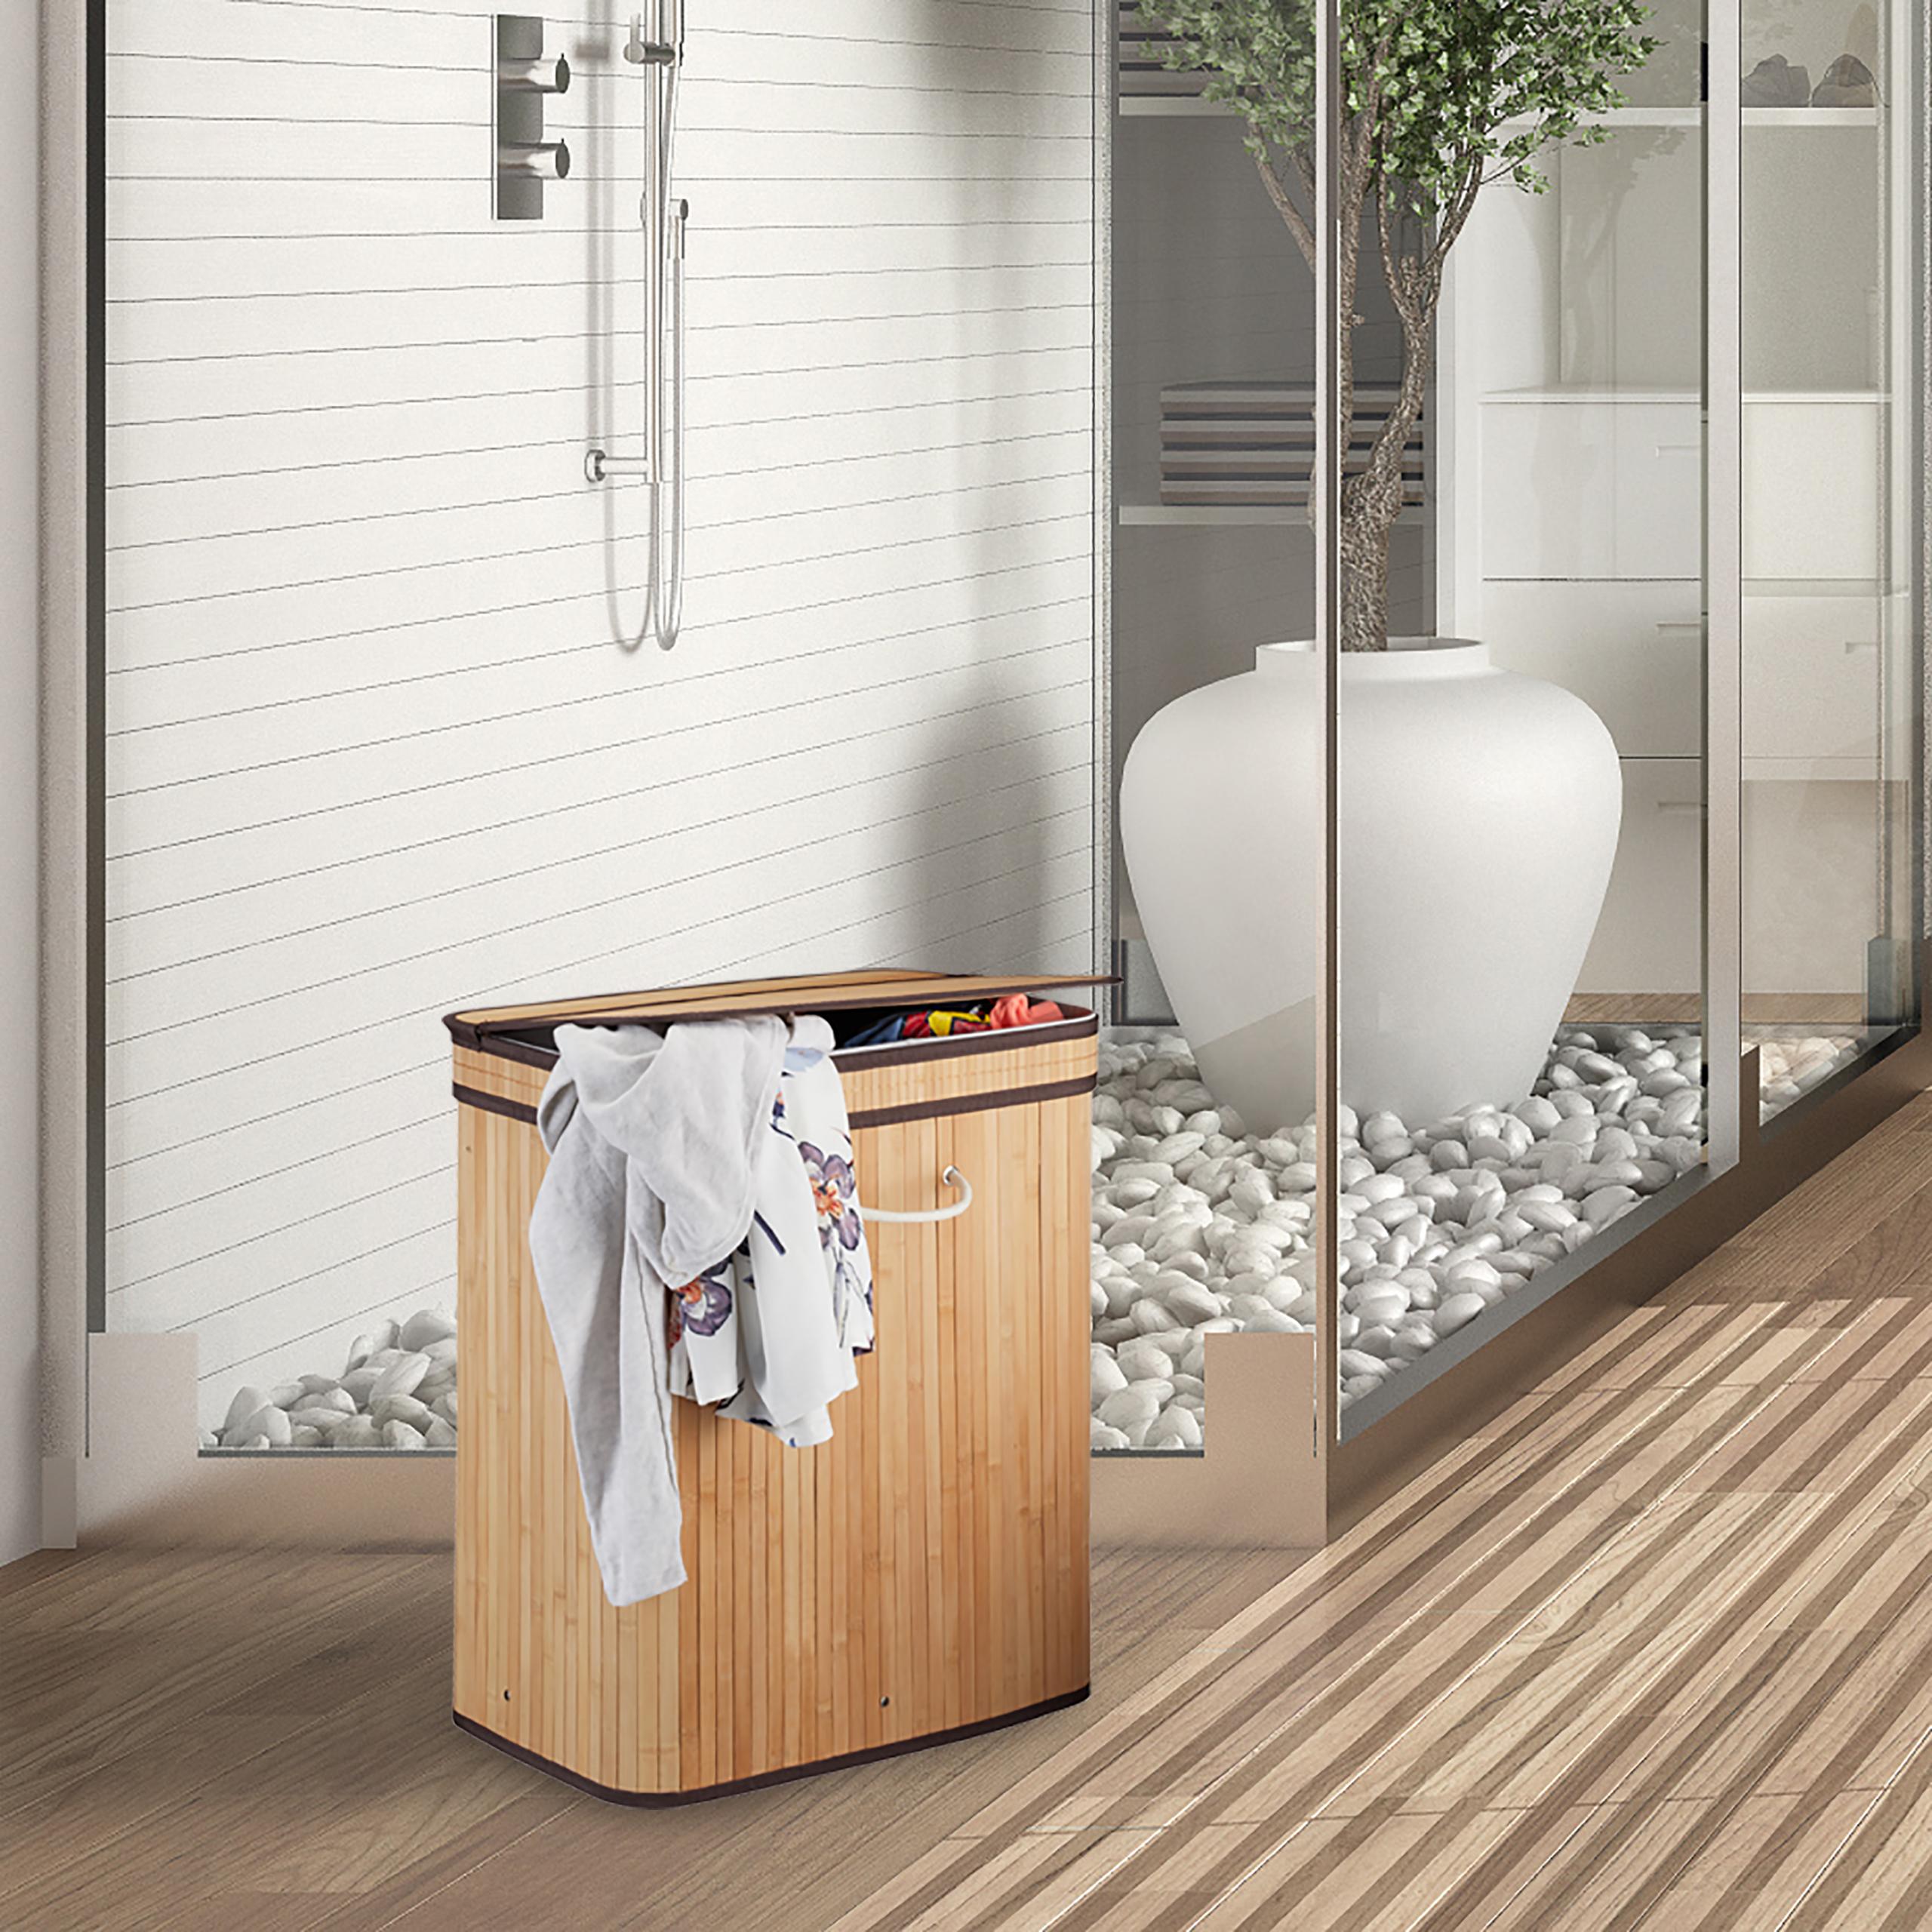 w schekorb mit deckel 2 f cher bambus w schesammler w schetrenner w schekiste ebay. Black Bedroom Furniture Sets. Home Design Ideas